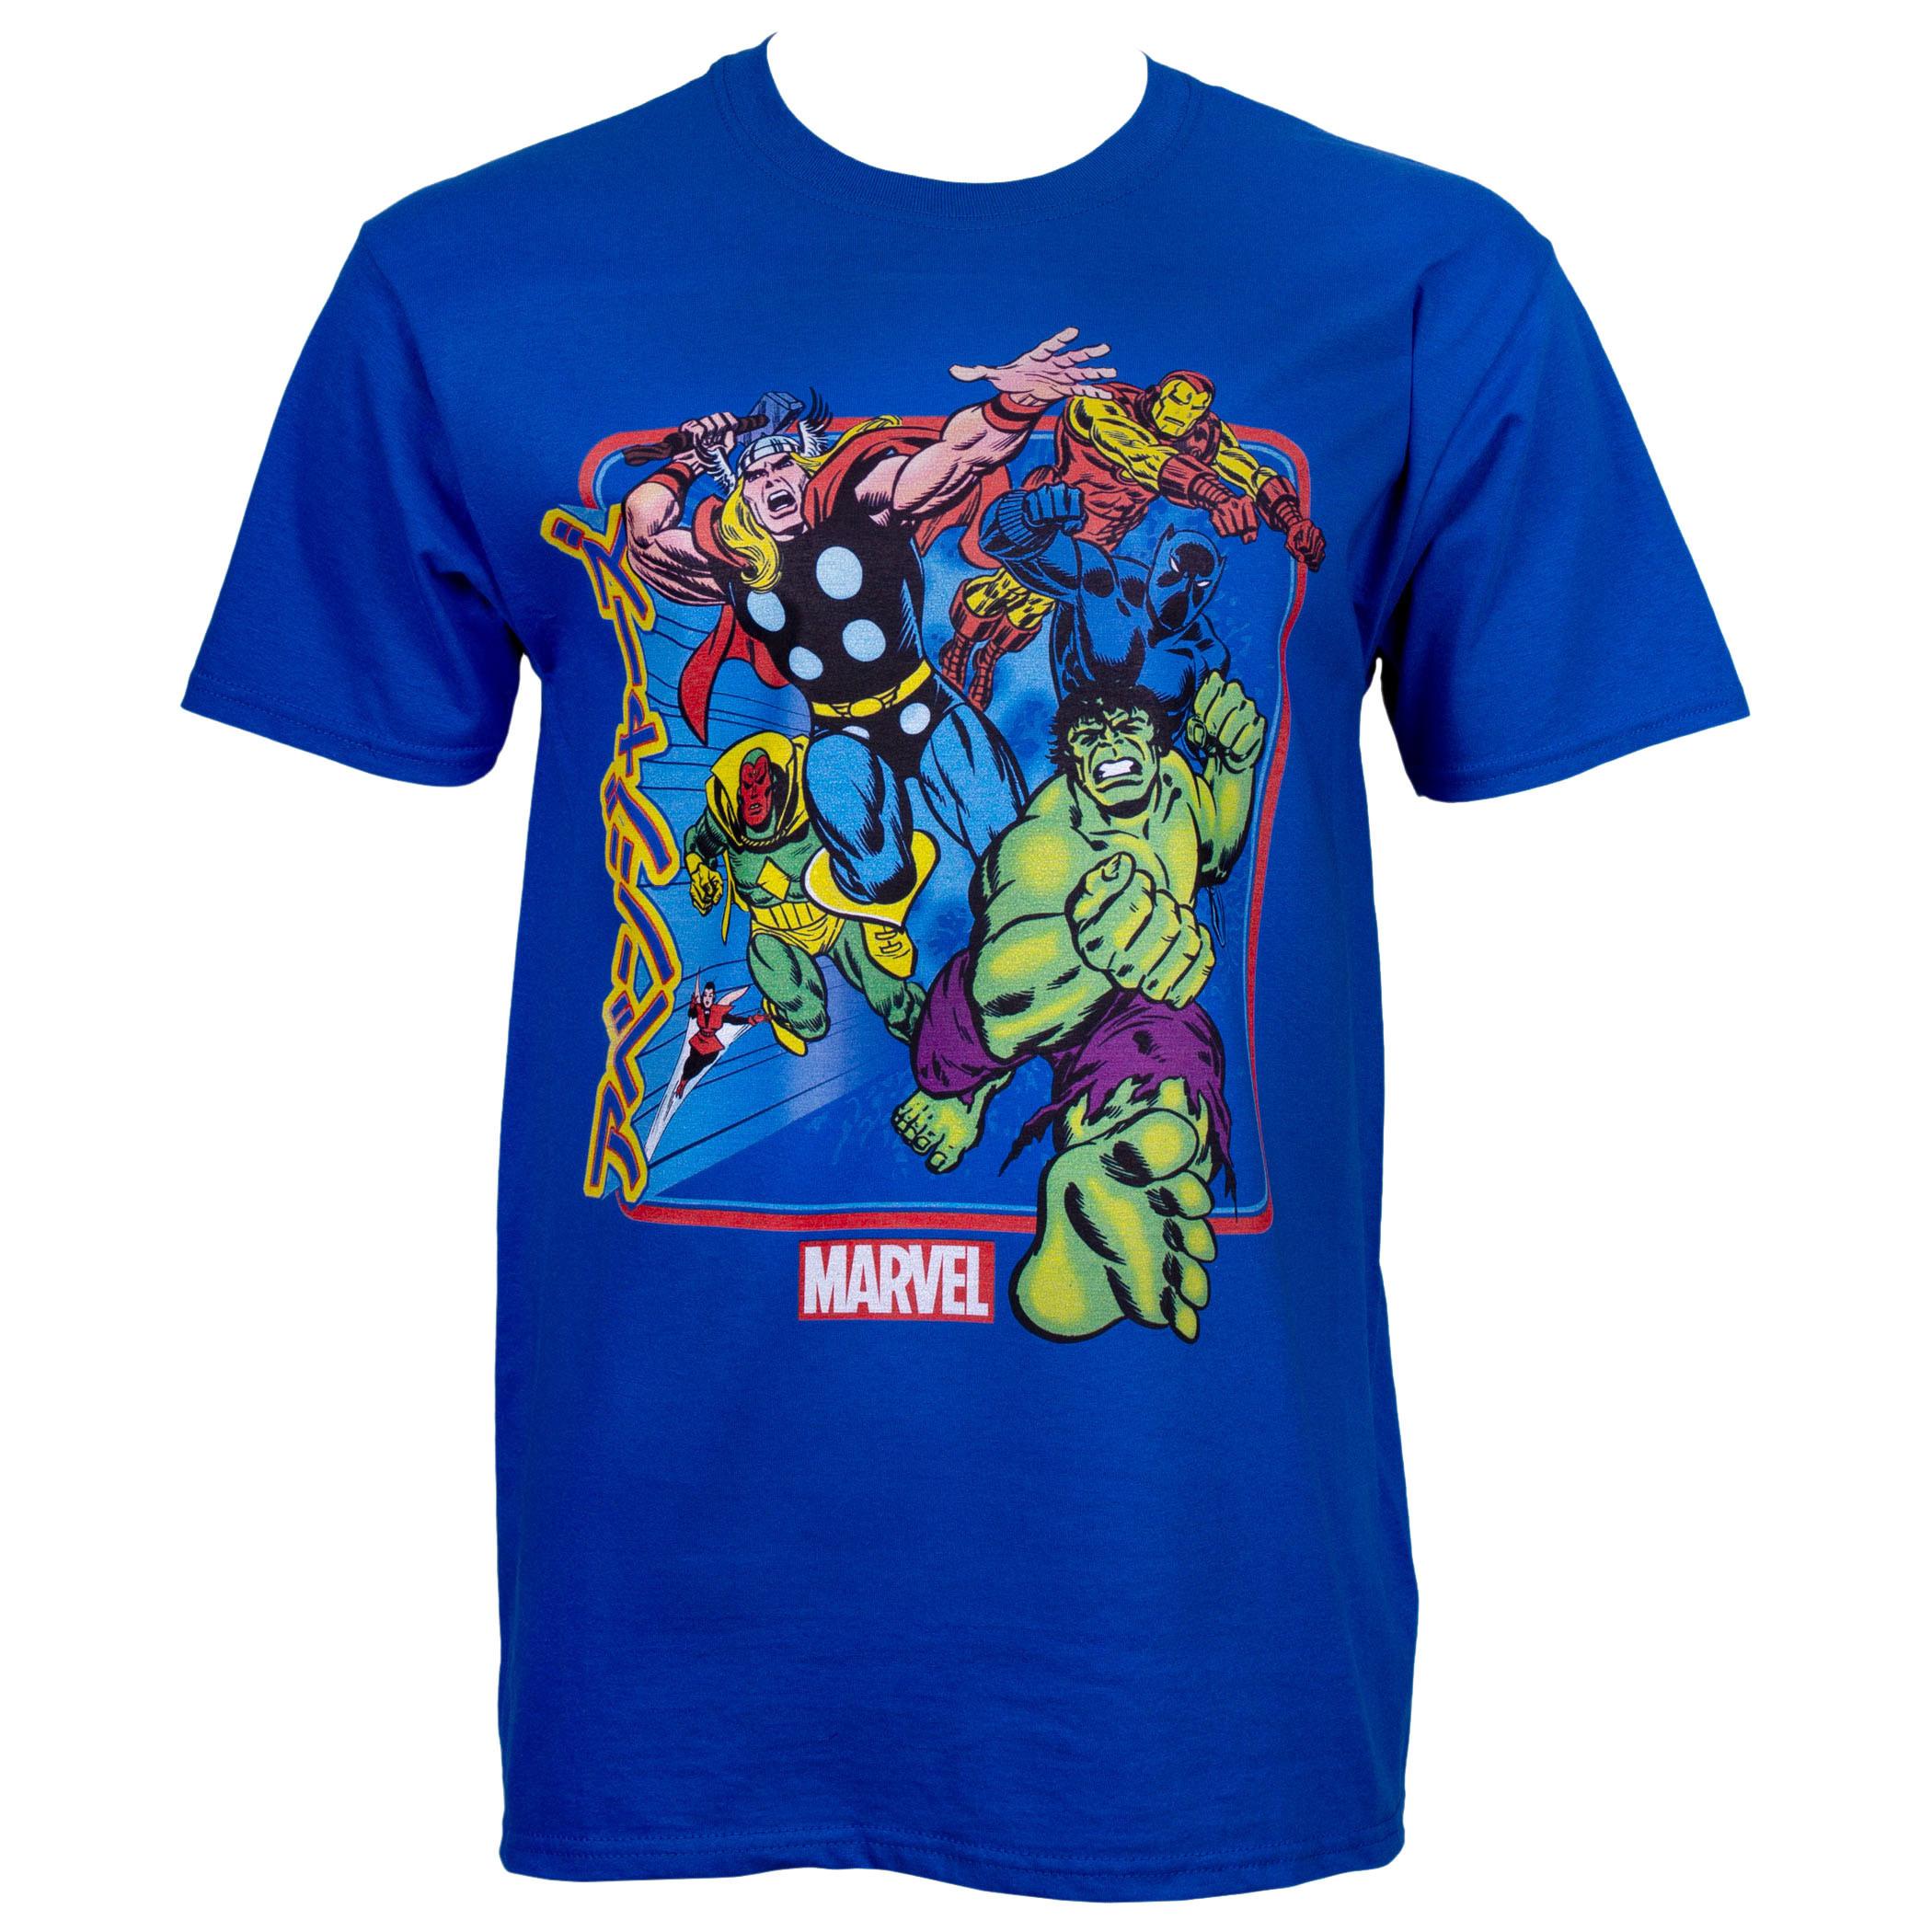 Marvel Avengers Kanji T-Shirt